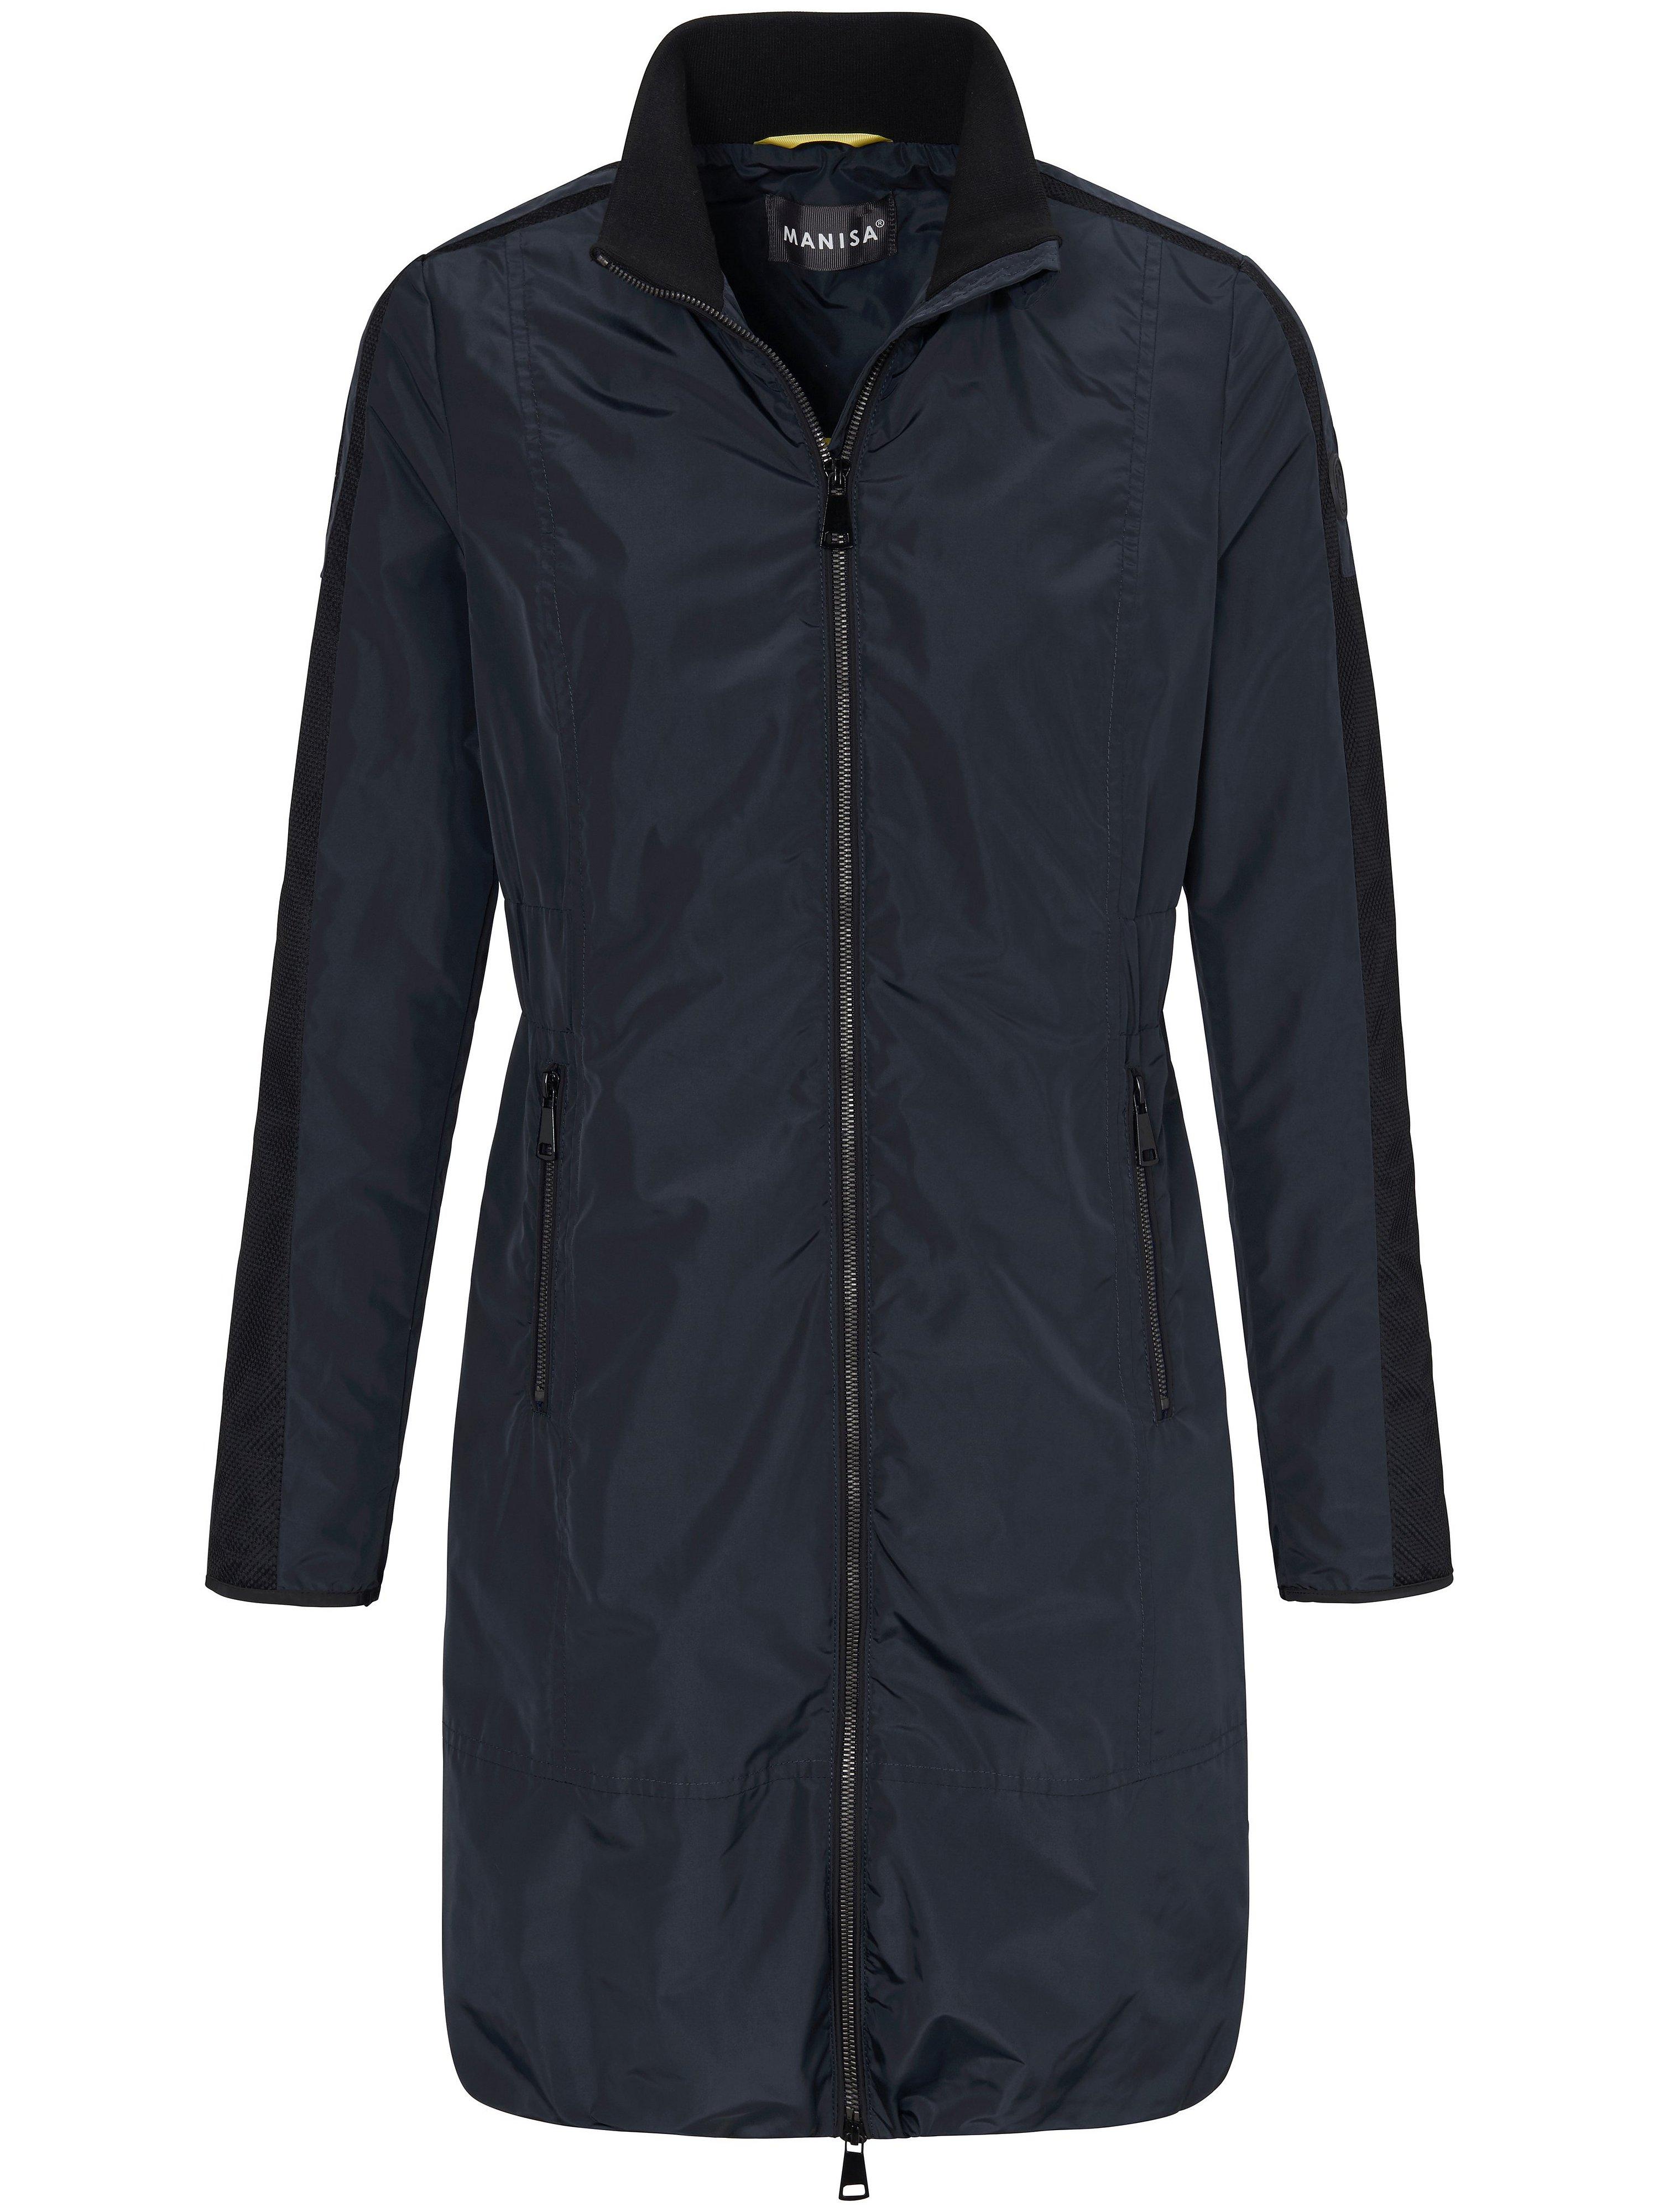 La veste longue à col montant  Manisa bleu taille 46